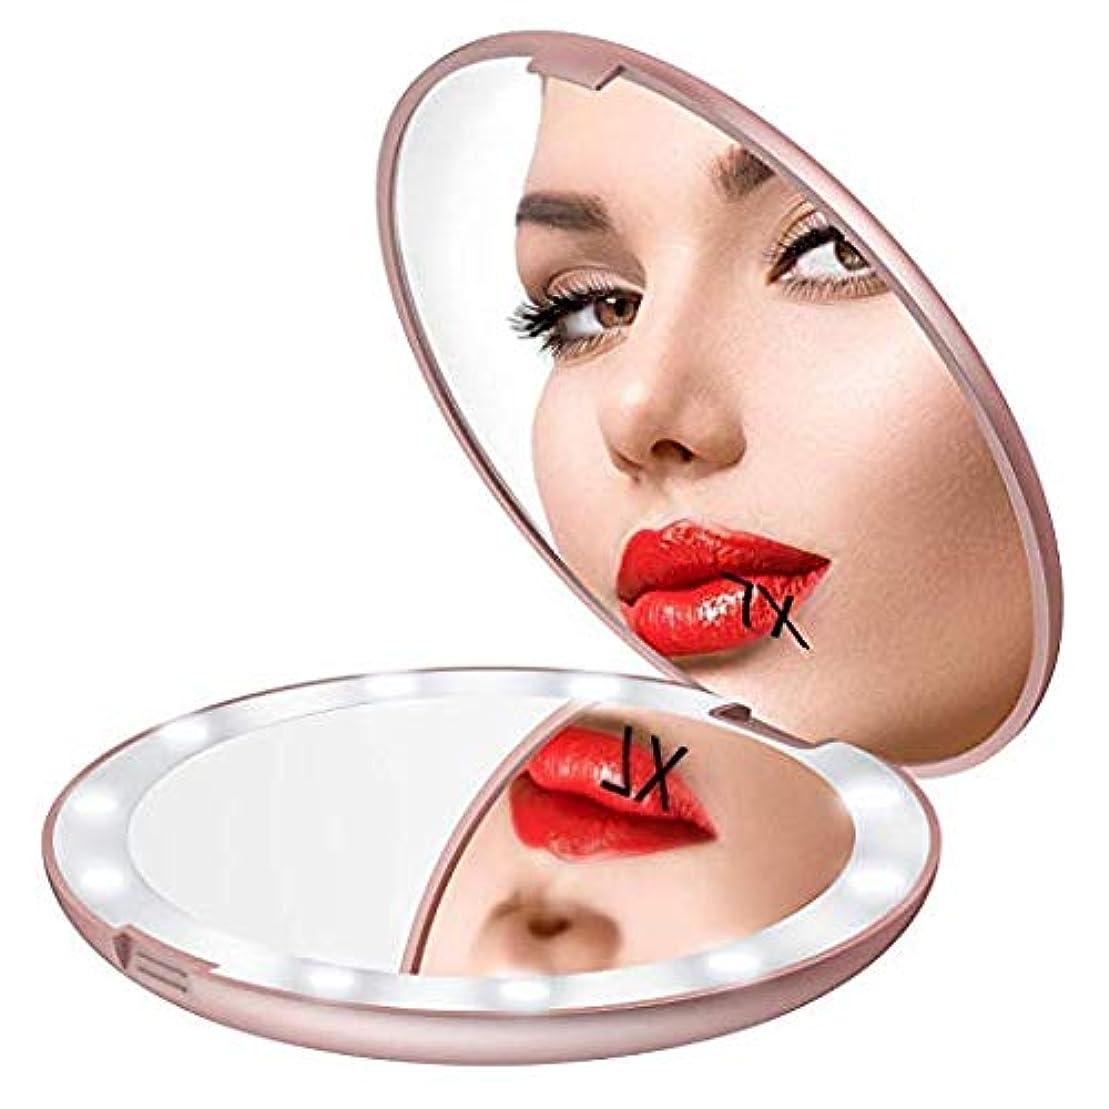 変換するカンガルー試用Gospire 化粧鏡 7倍拡大鏡 携帯ミラー 化粧ミラー LEDライト 手鏡 折りたたみ式 コンパクト 角度調整可 (ピンクゴールド)